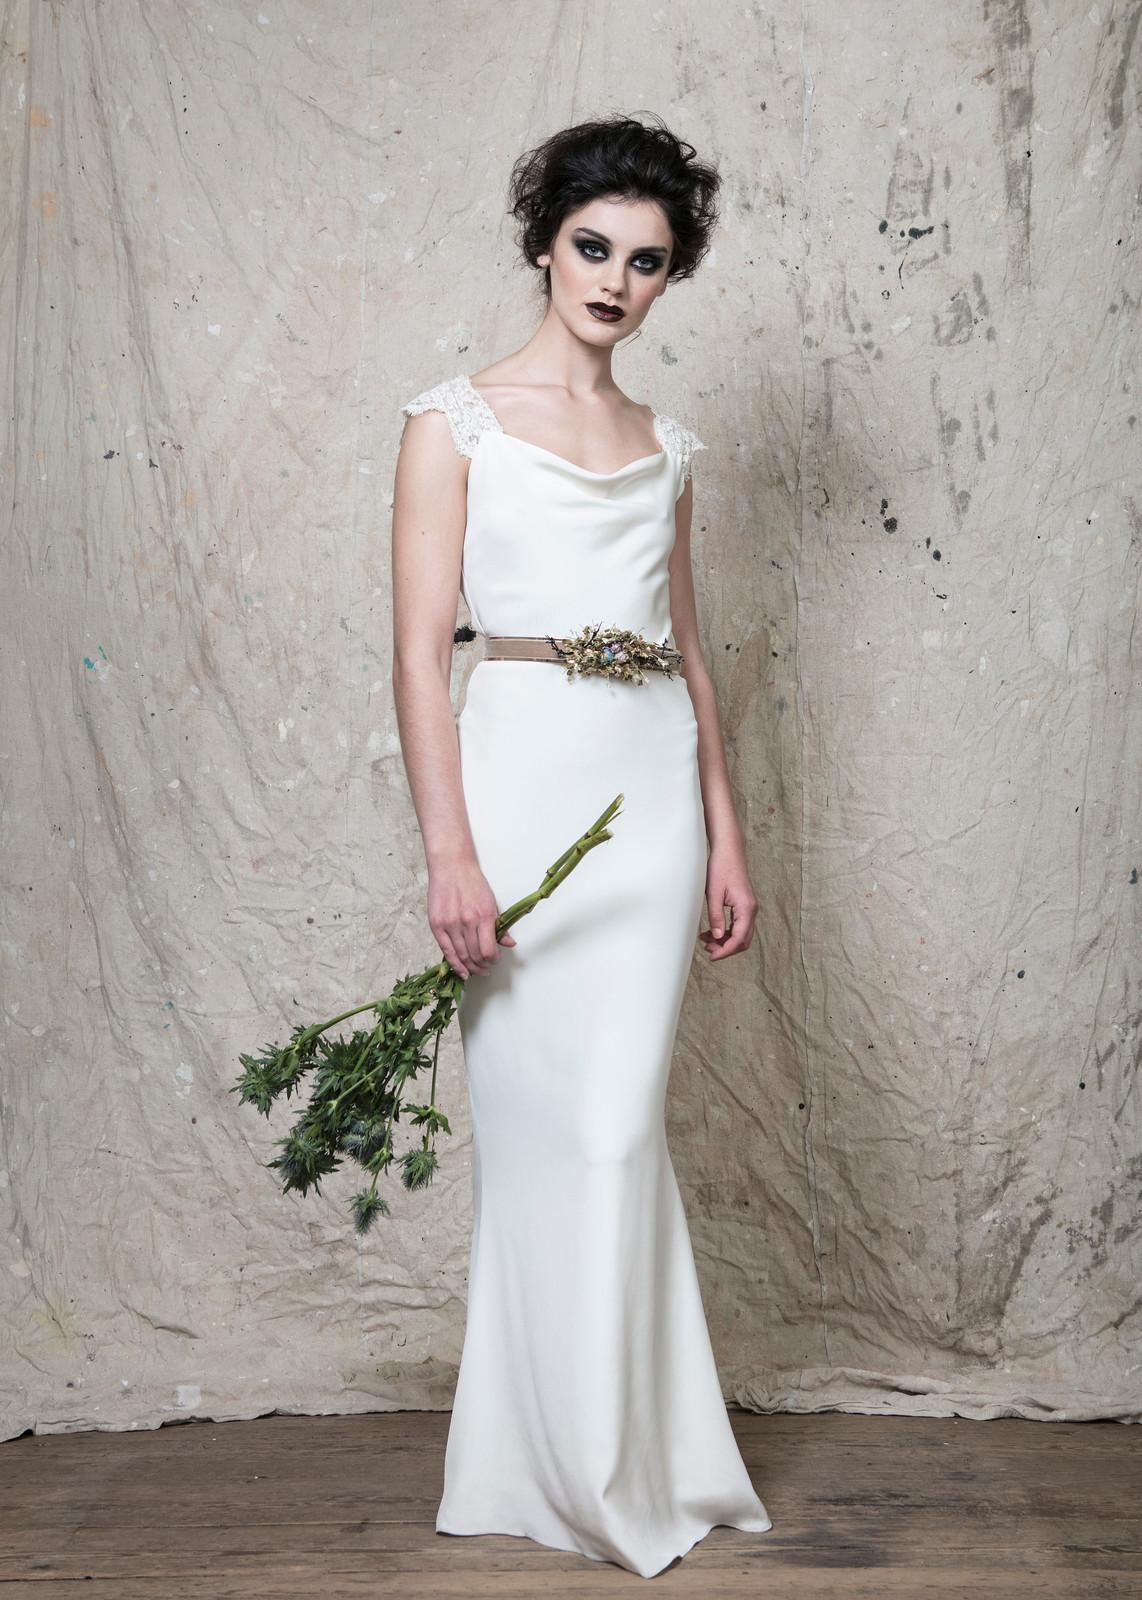 Bridal | Covet